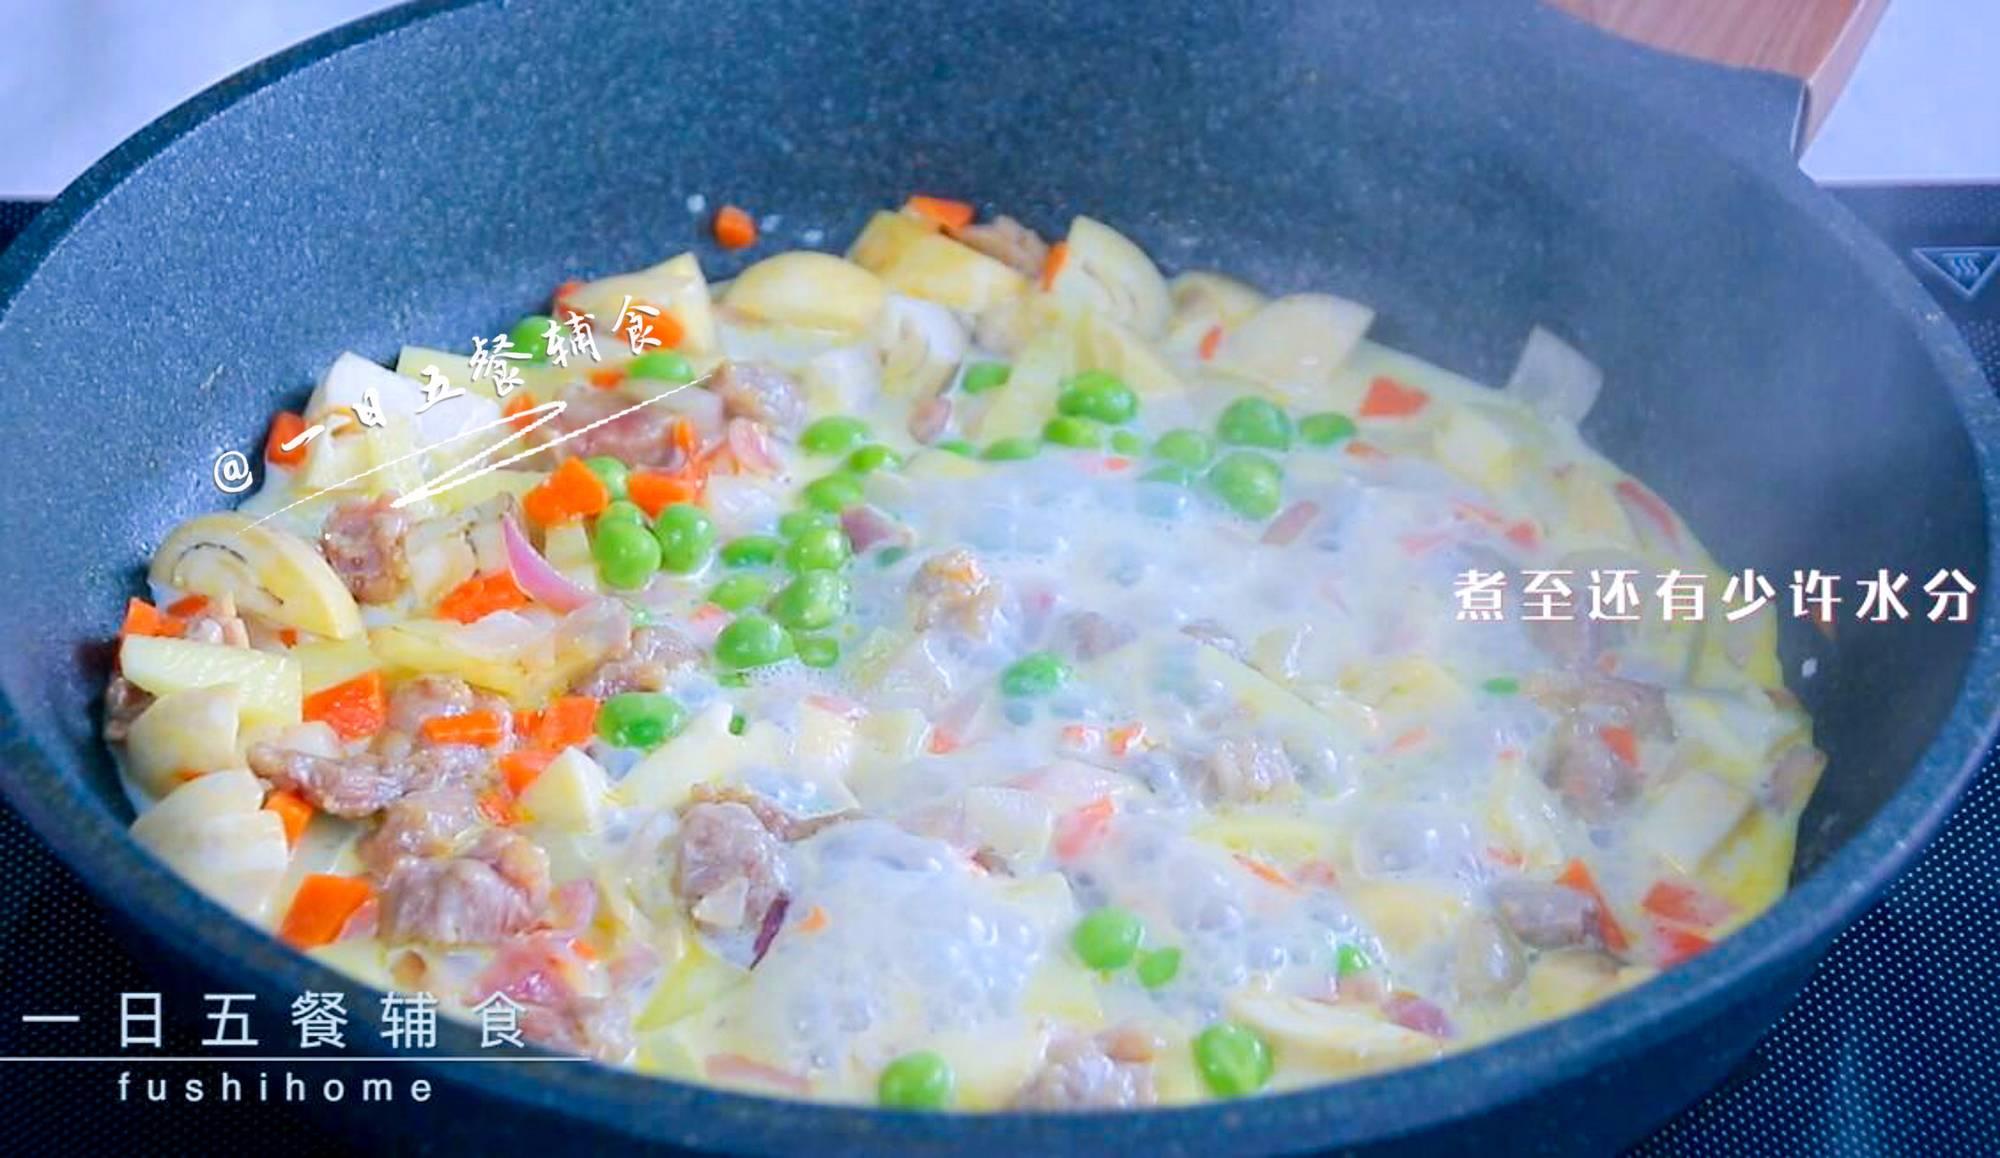 牛肉杂蔬焗饭,豌豆加入,倒入100克牛奶小火煮。</p> <p>